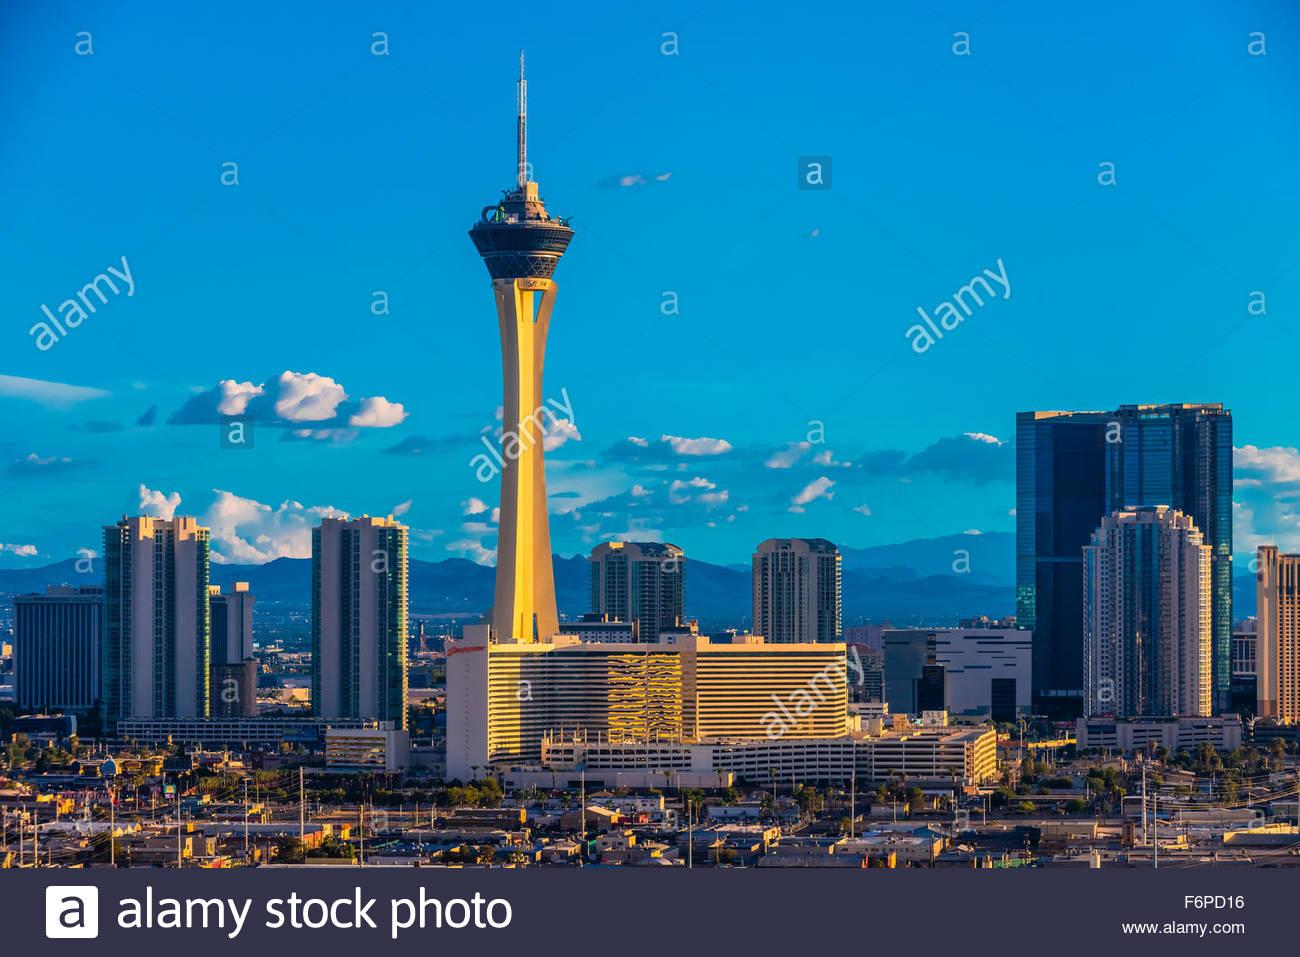 Stratosphere Casino Hotel & Tower, Las Vegas, Nevada USA. - Stock Image